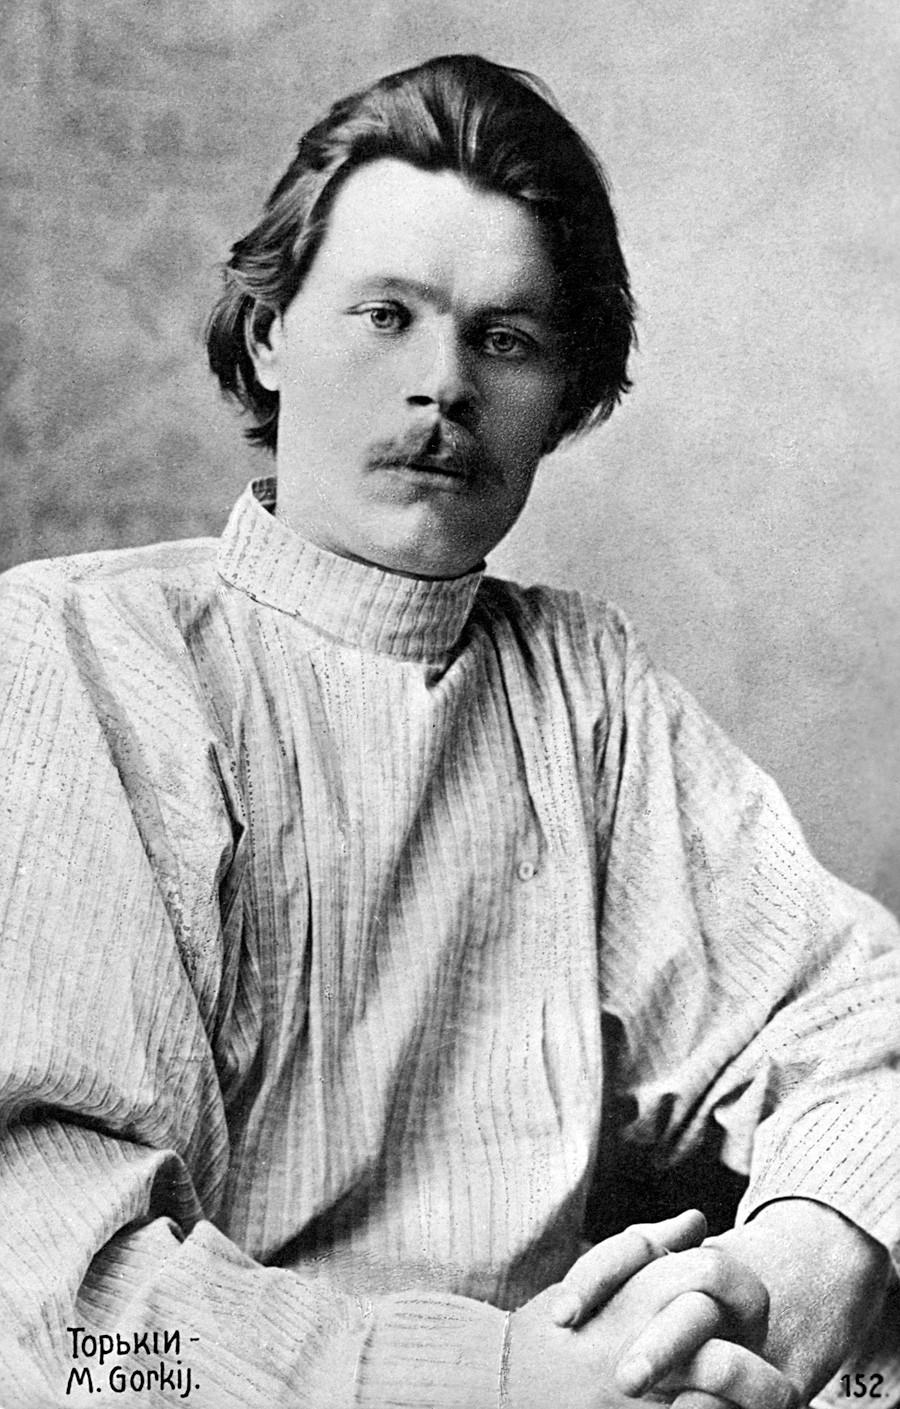 Maxim Gorki de jóven.